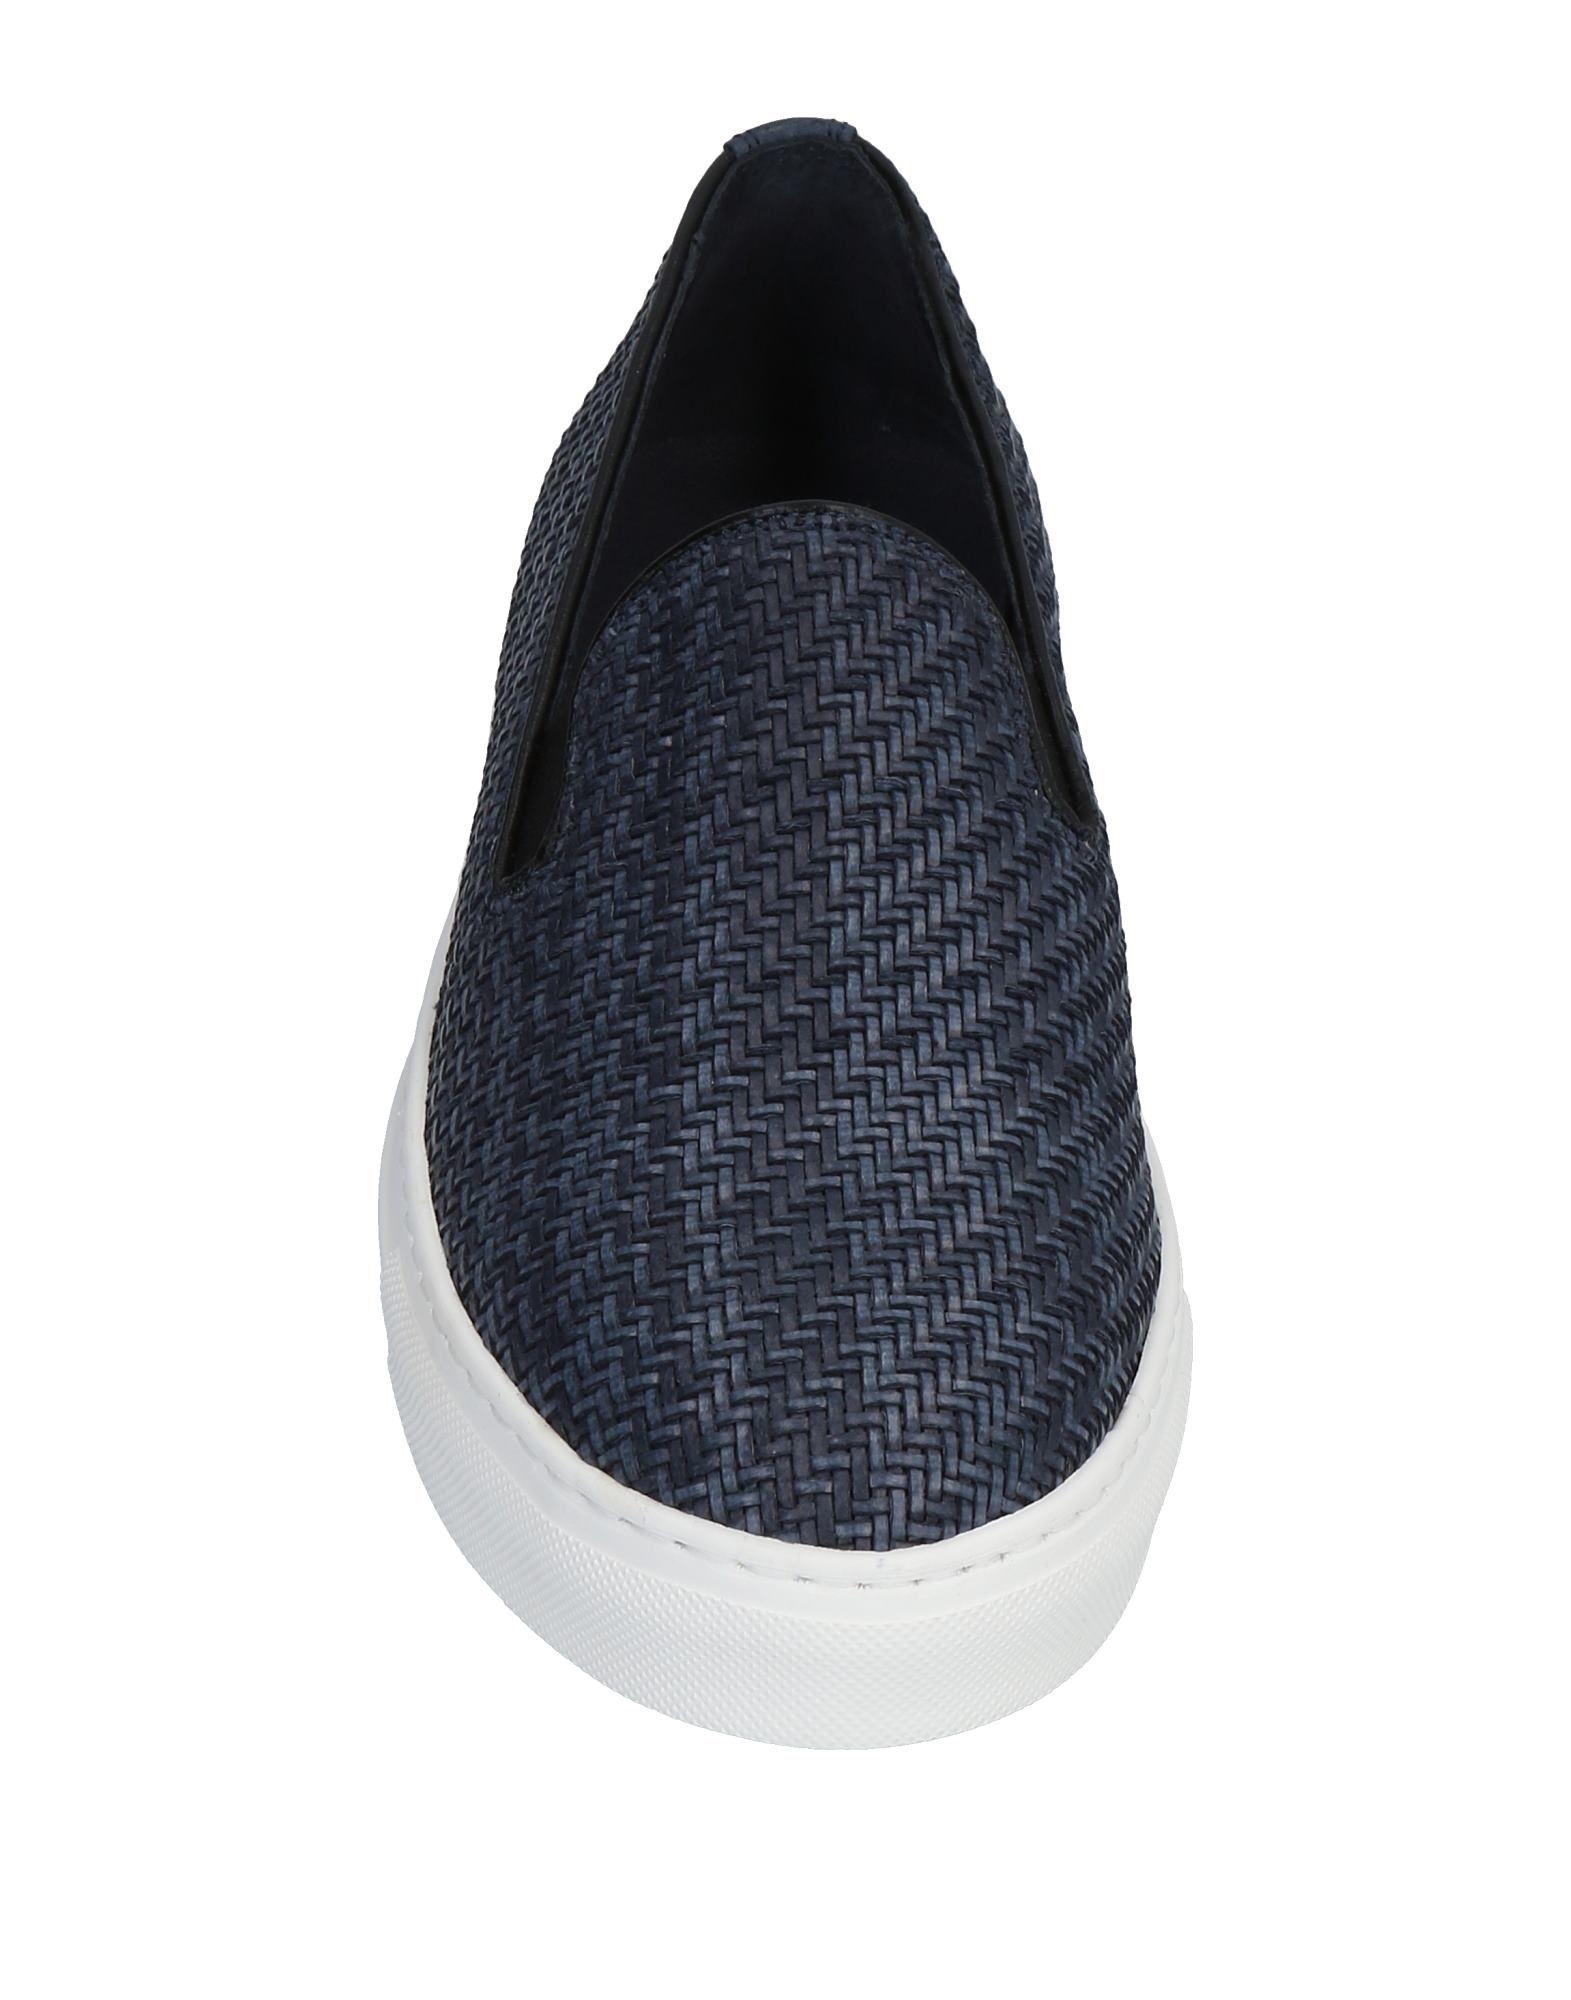 Rabatt echte  Schuhe Soldini Sneakers Herren  echte 11467748EL 4c58a1